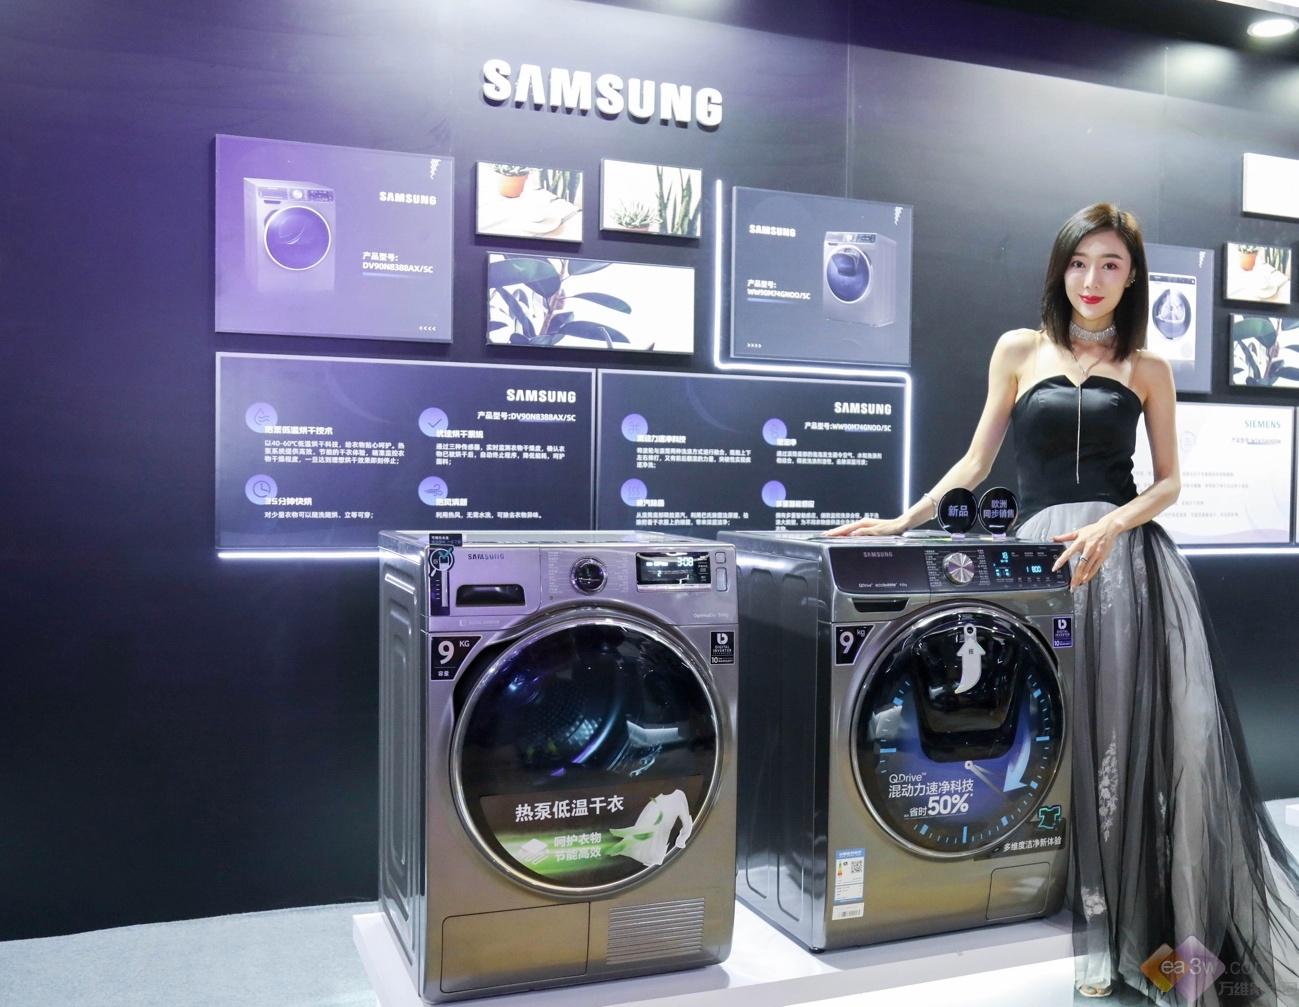 诠释硬核创新实力!三星荣获洗衣机行业三项大奖